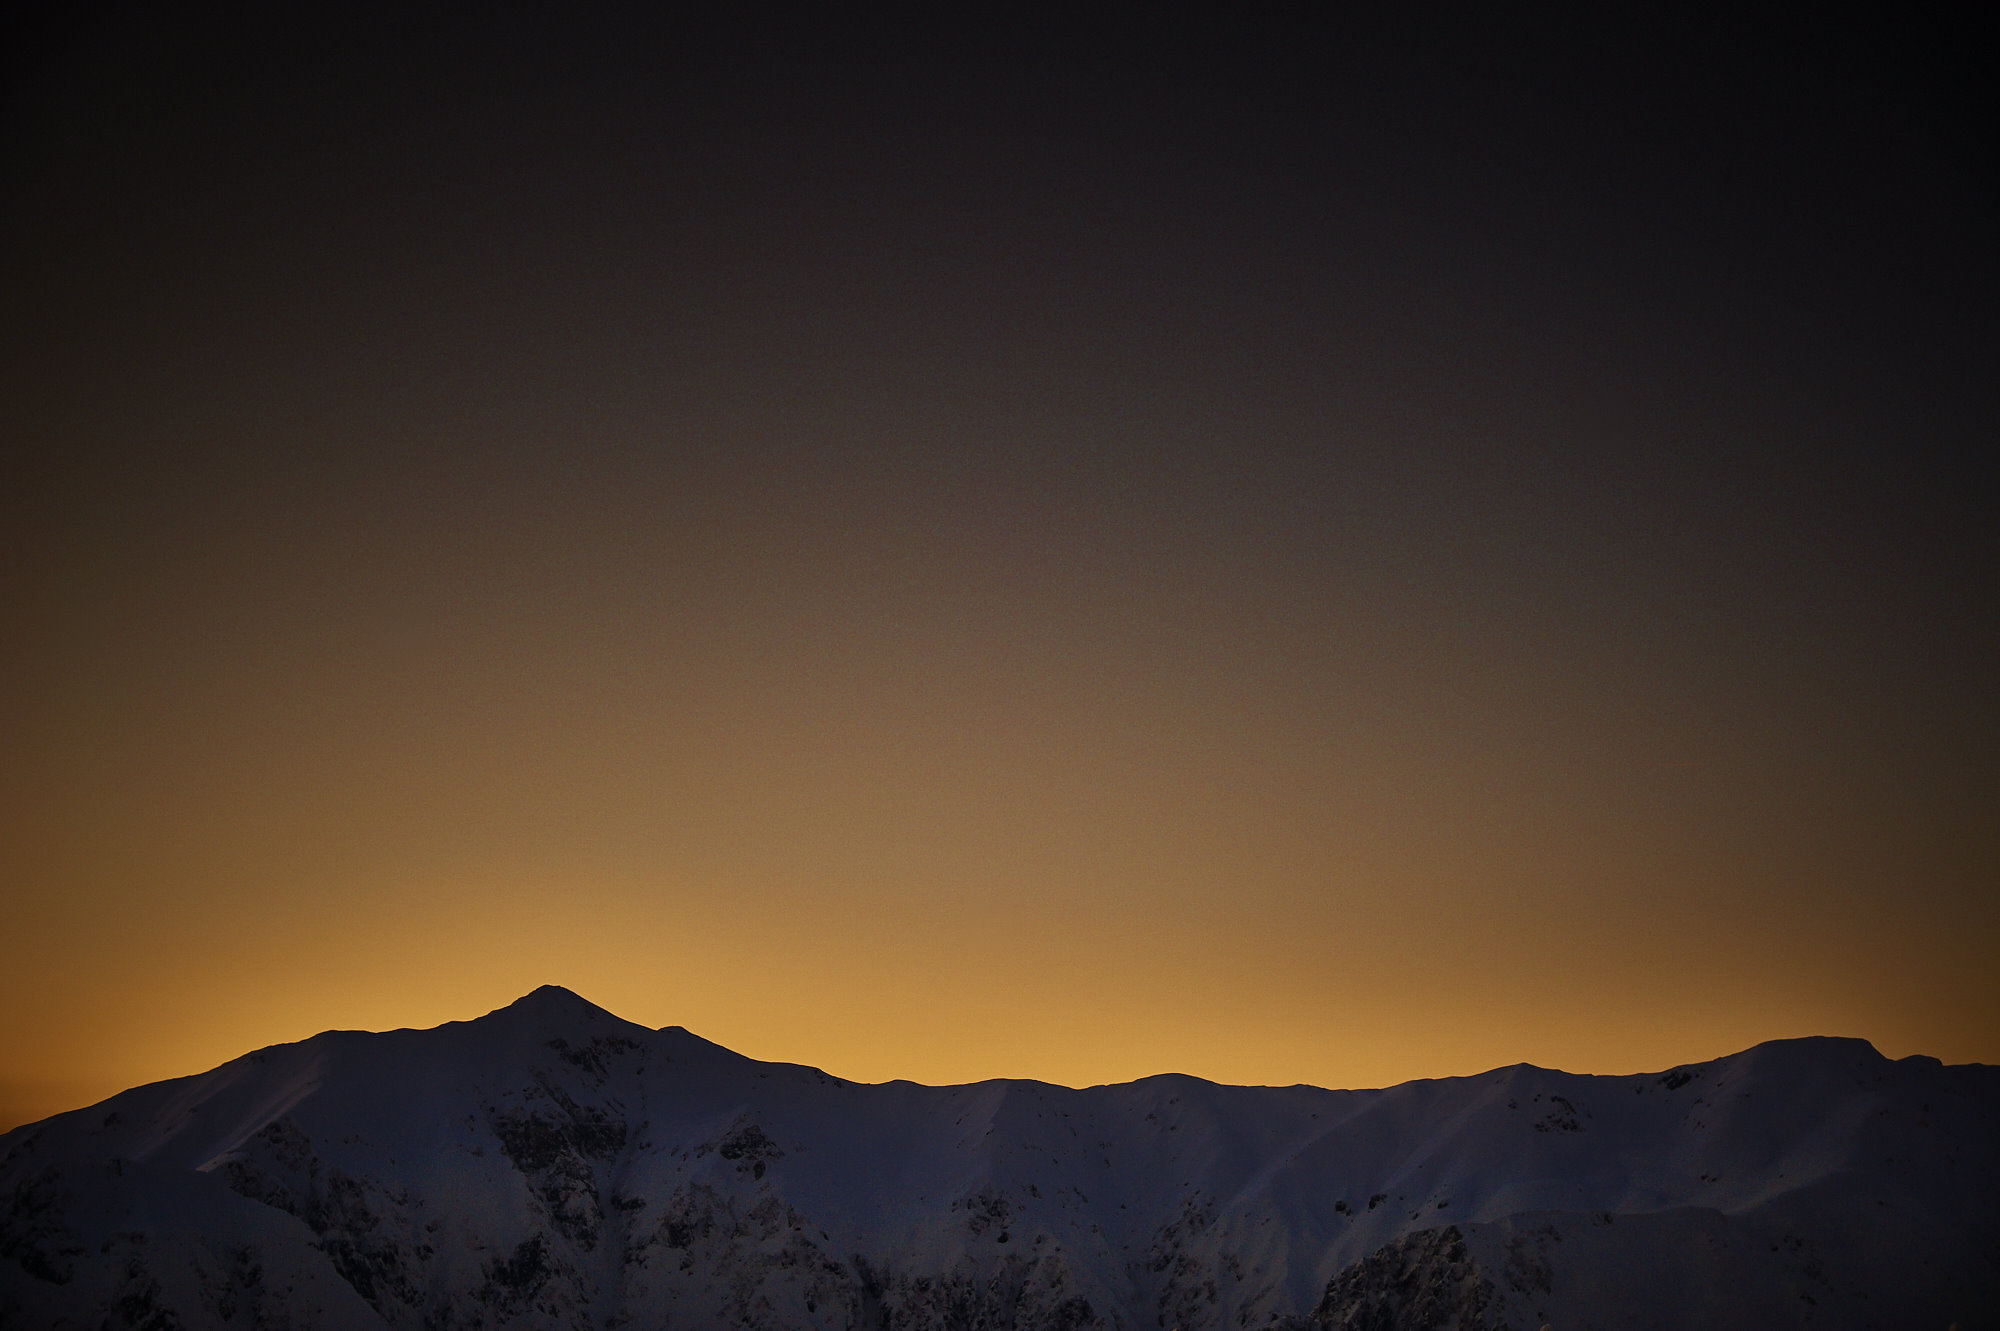 西穂山荘から見る冬の笠ケ岳の夕景